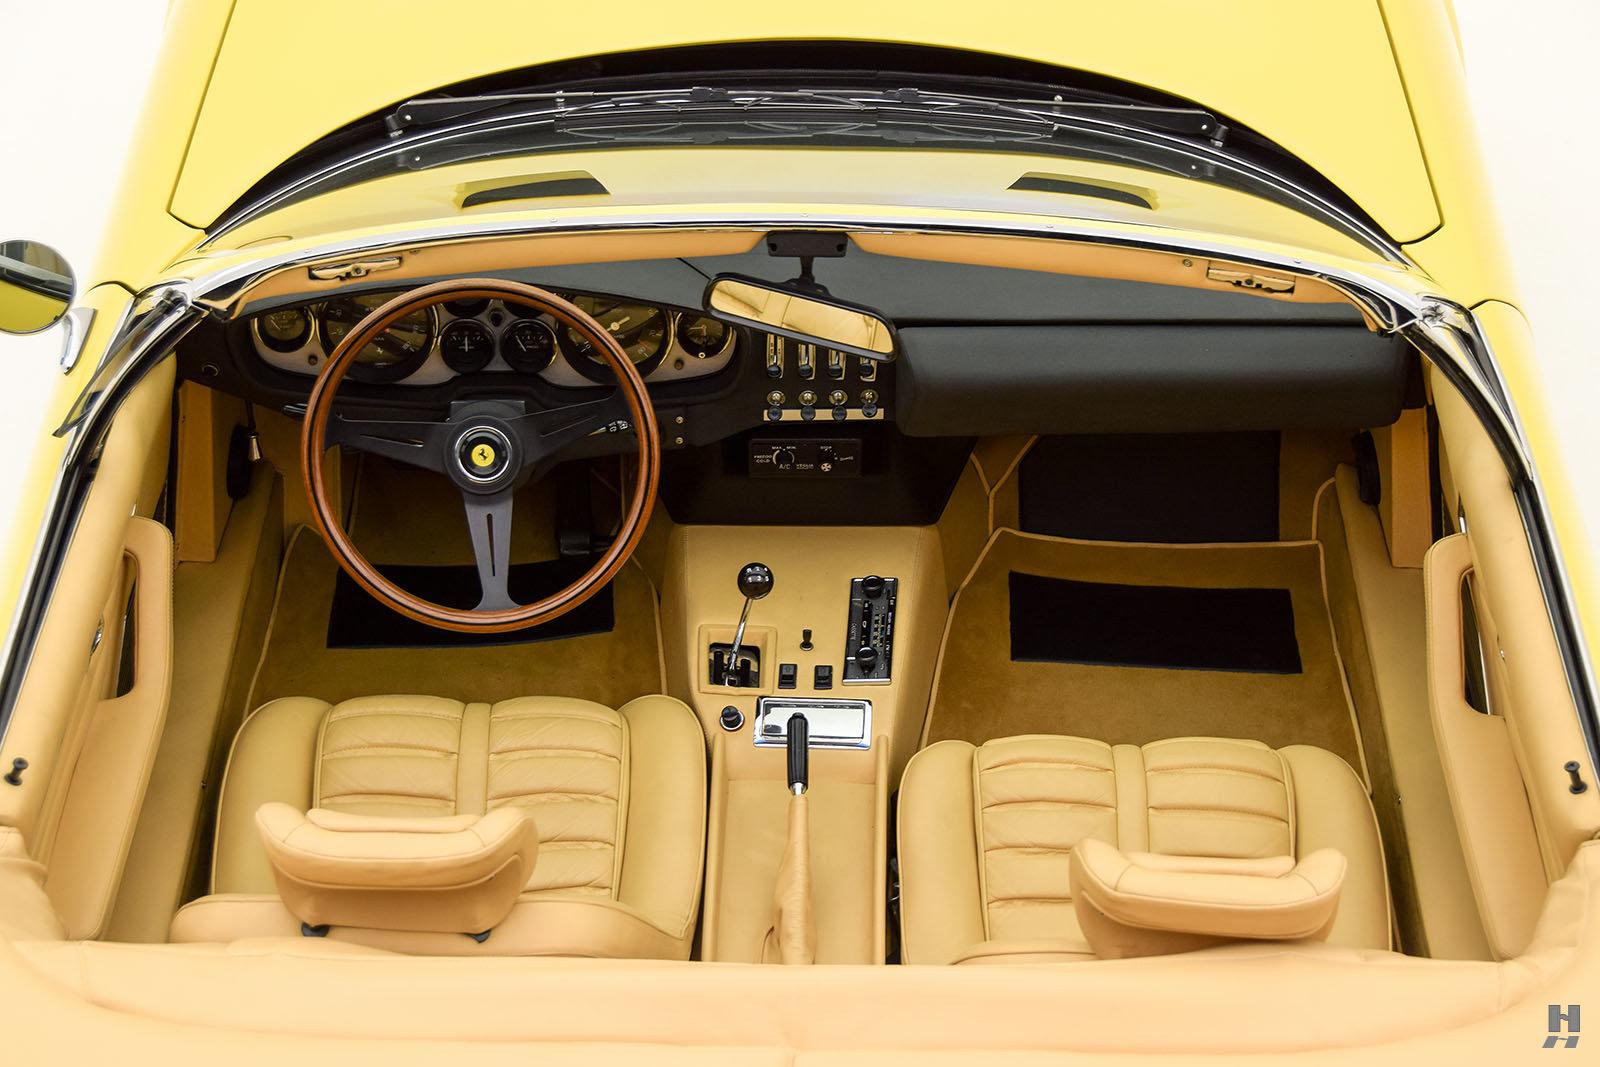 Ferrari 365 GTB/4 Daytona Spider-Conversion - 1971 For Sale (picture 5 of 6)